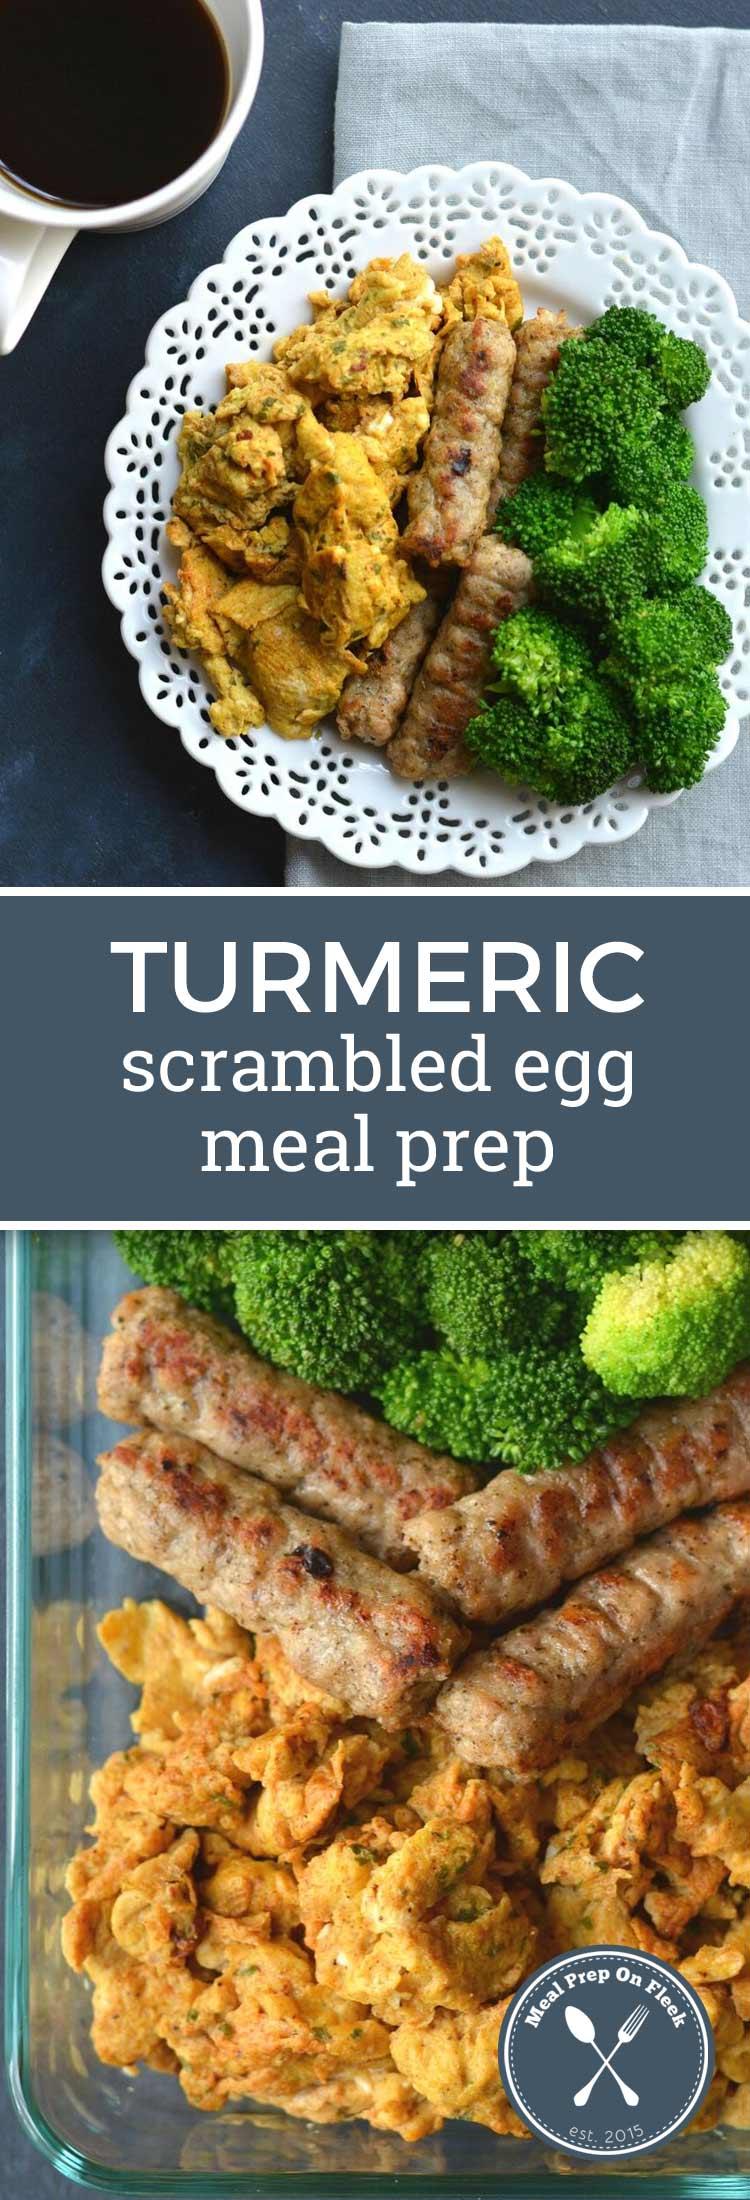 turmeric eggs, broccoli, and sausage